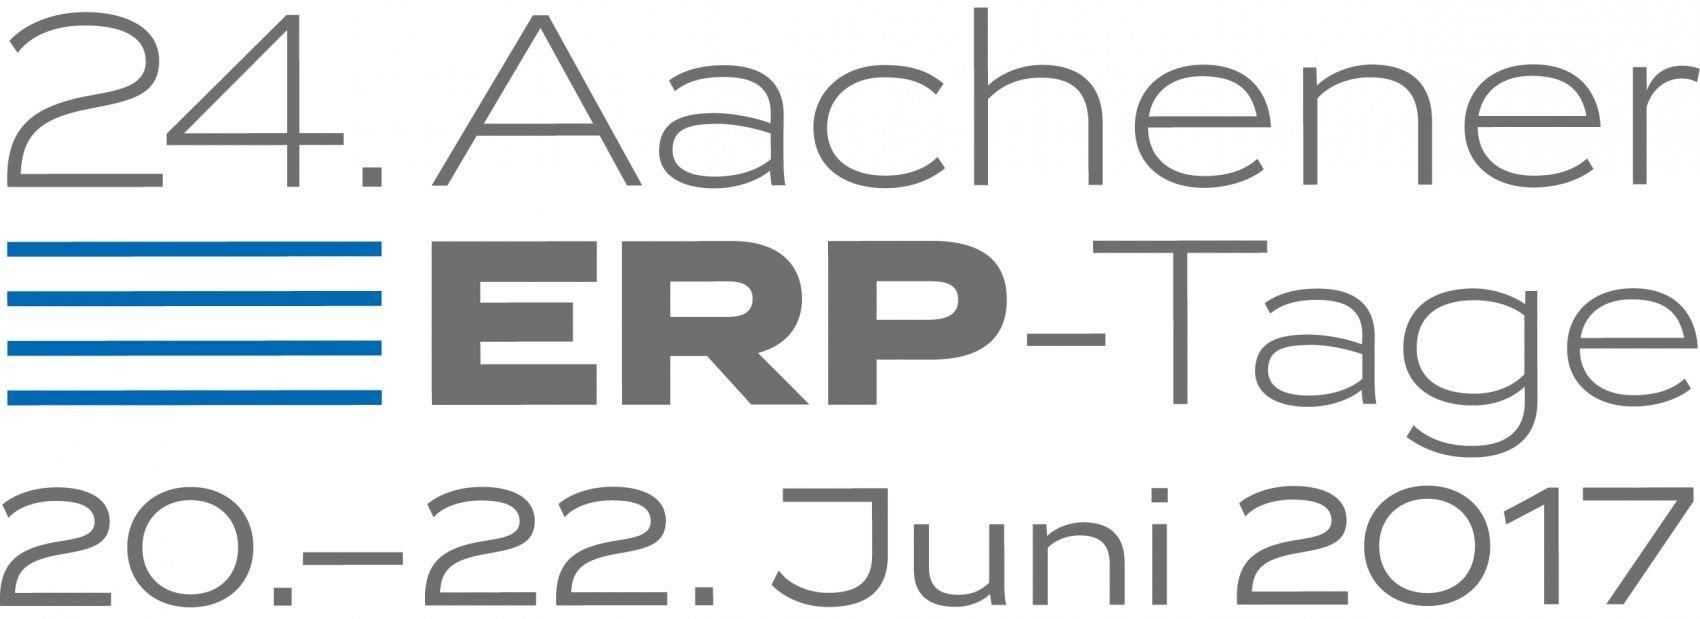 Veranstaltung FIR Aachen, Fachtagung